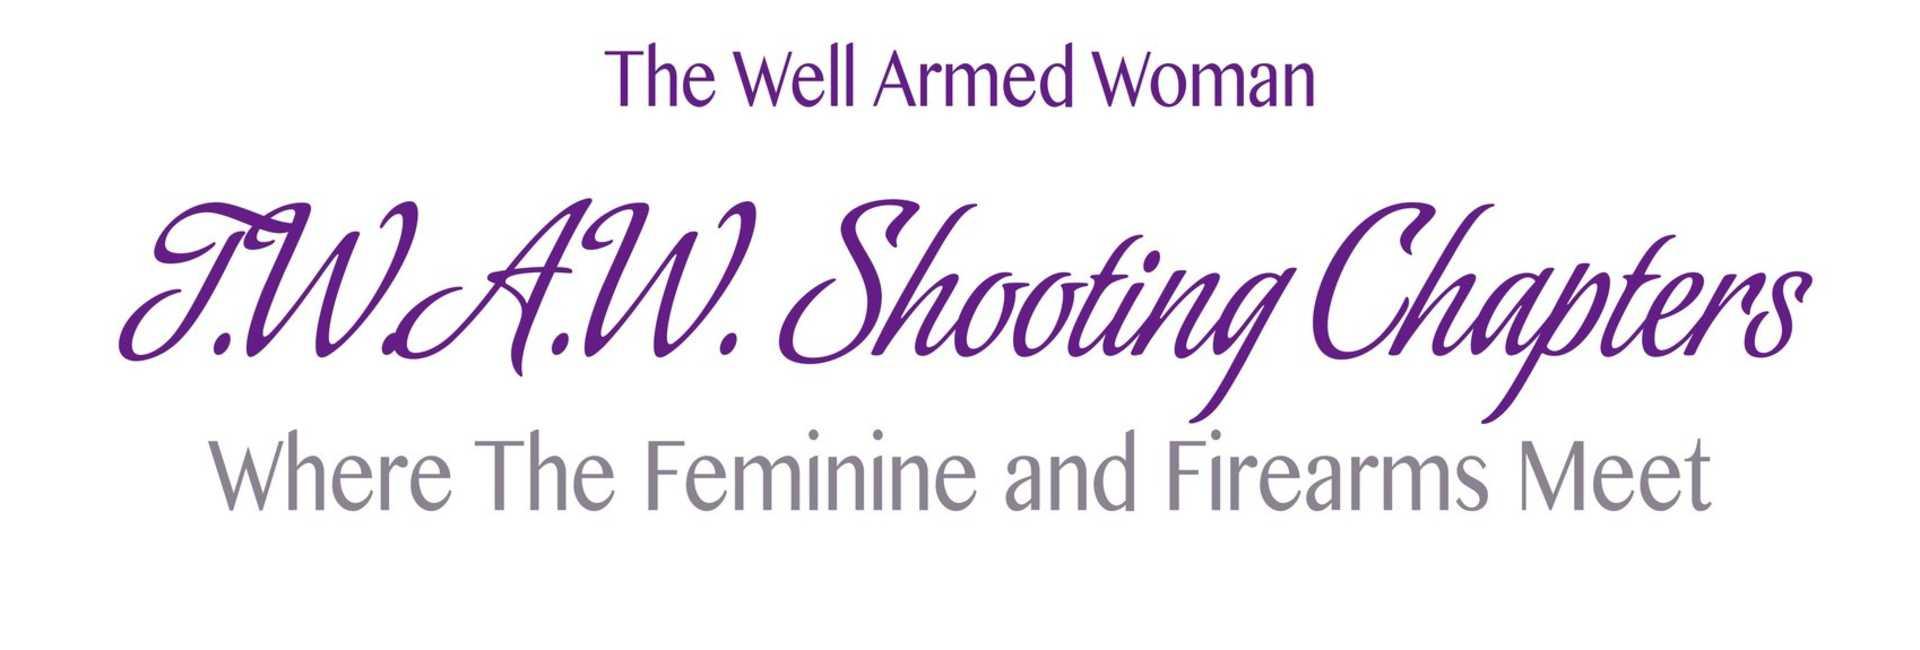 Welcome TWAW Shooting Chapters, Inc.